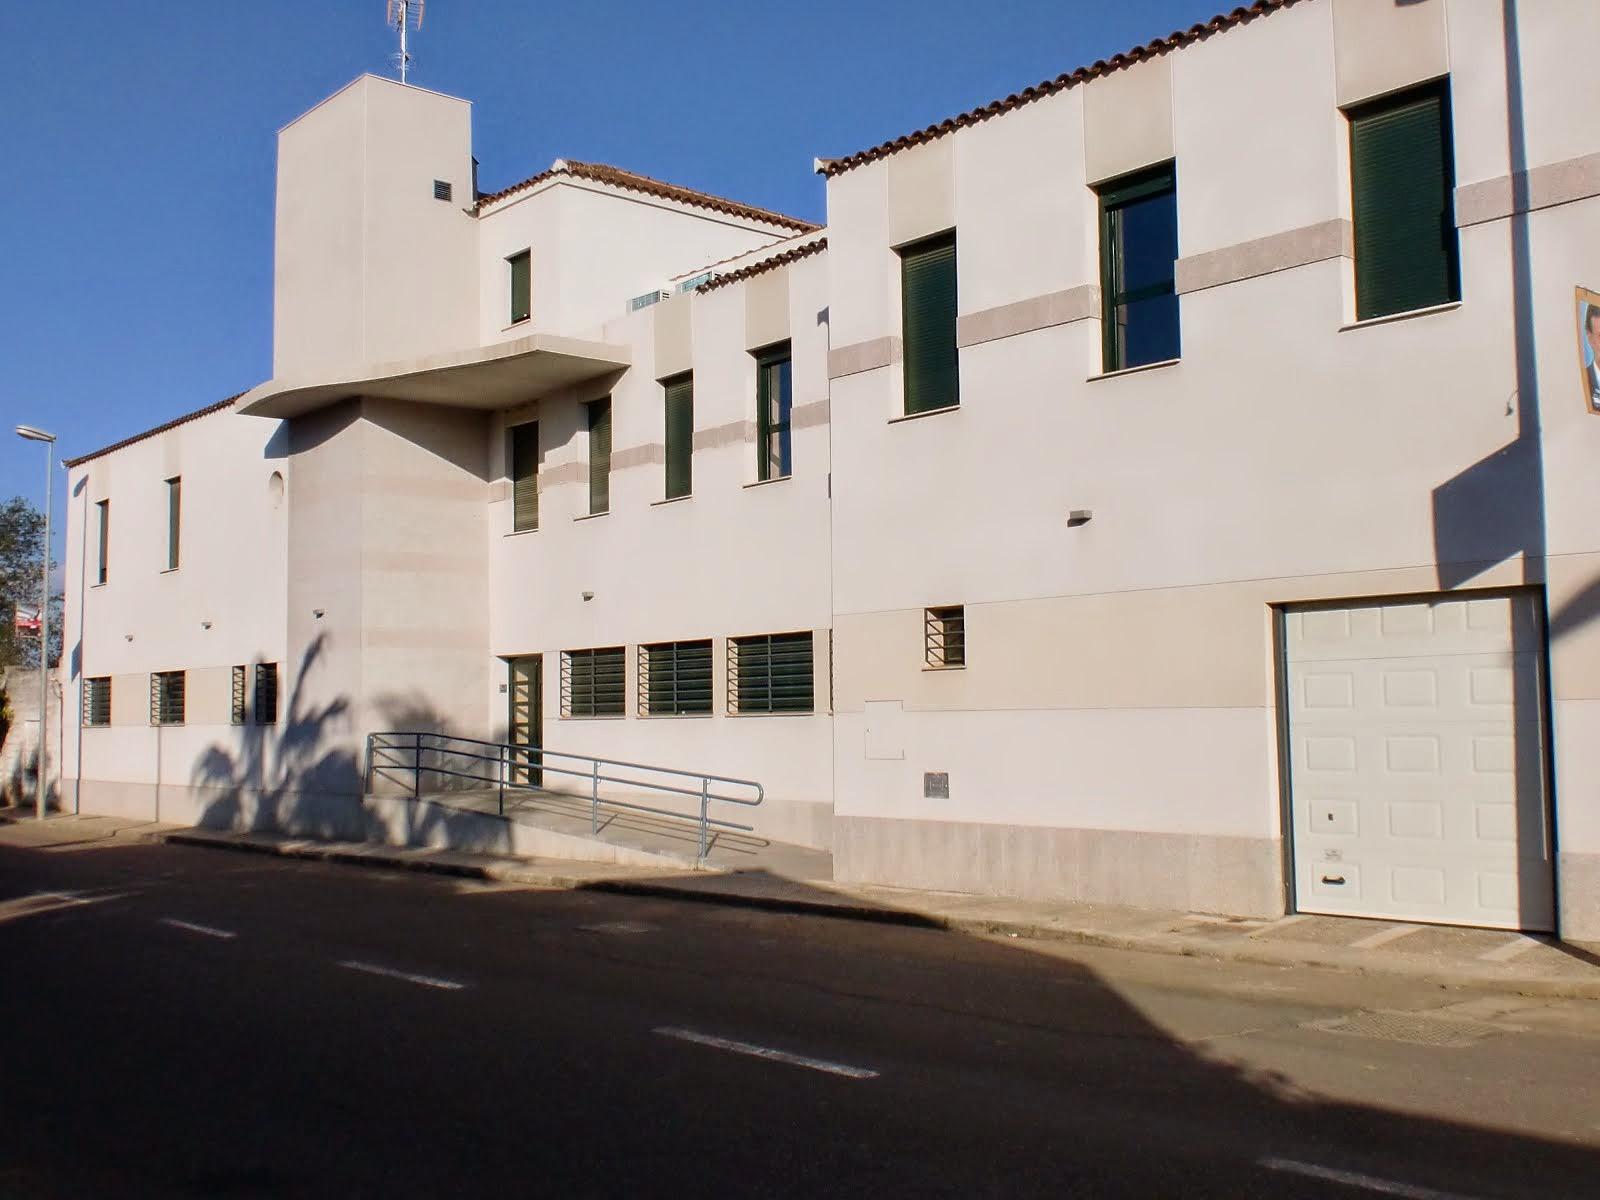 Museo Etnográfico de Calamonte